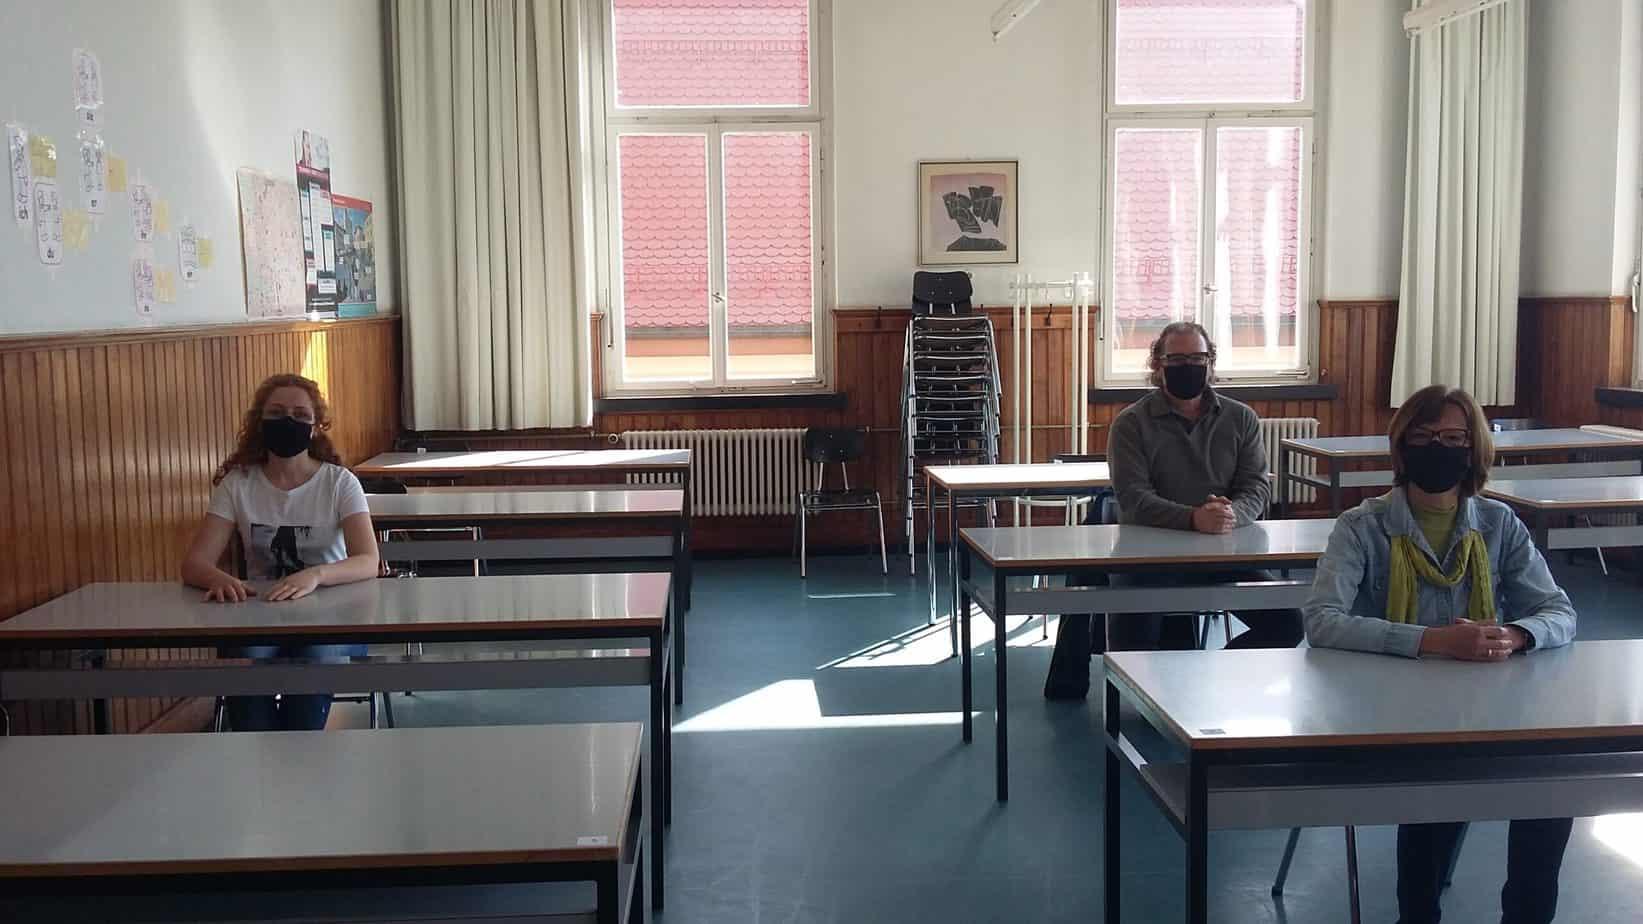 Das Team der vhs testet die neue Sitzordnung. Wer Sorge hat, darf auch im Kurs die Maske auflassen. Unser Bild zeigt  (von links nach rechts) mit Maske: Elena Crivac, Oliver Bartsch, Petra Arand. Foto: pm